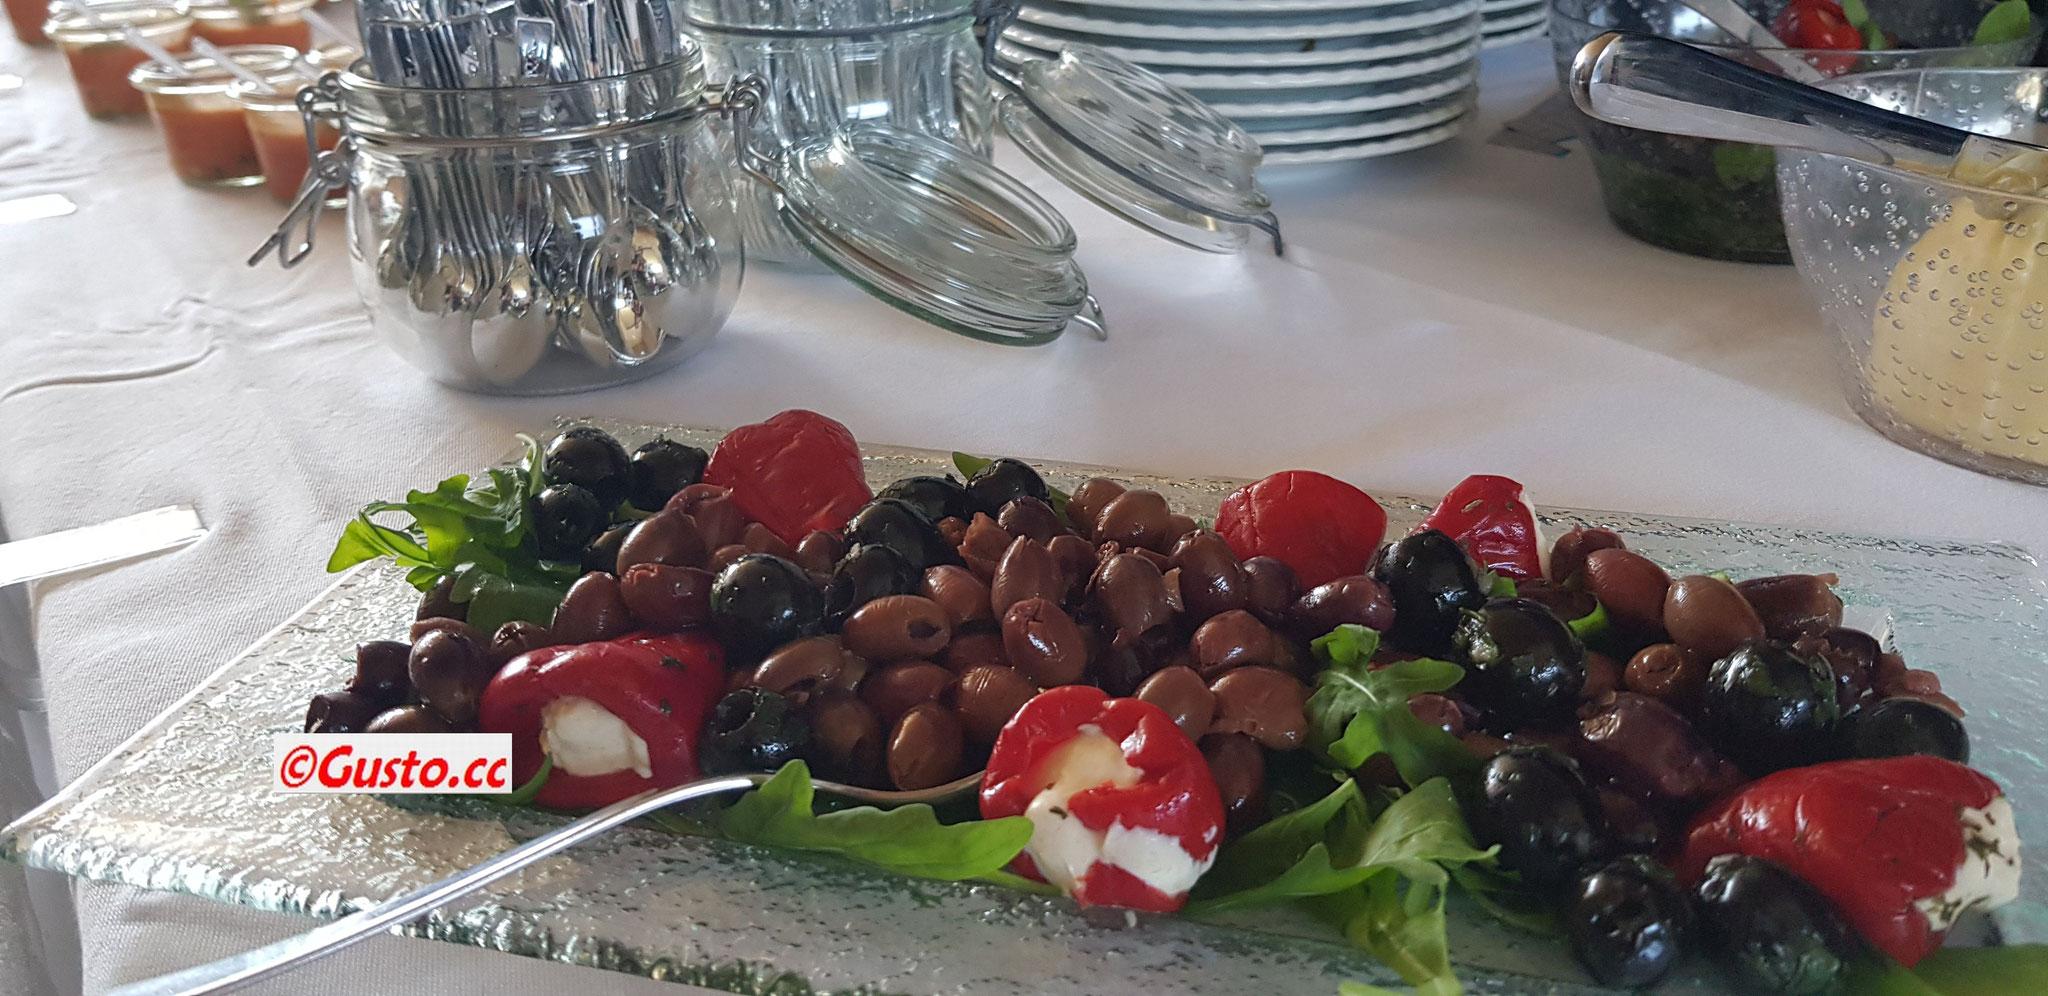 Erstklassische Olivenauswahl